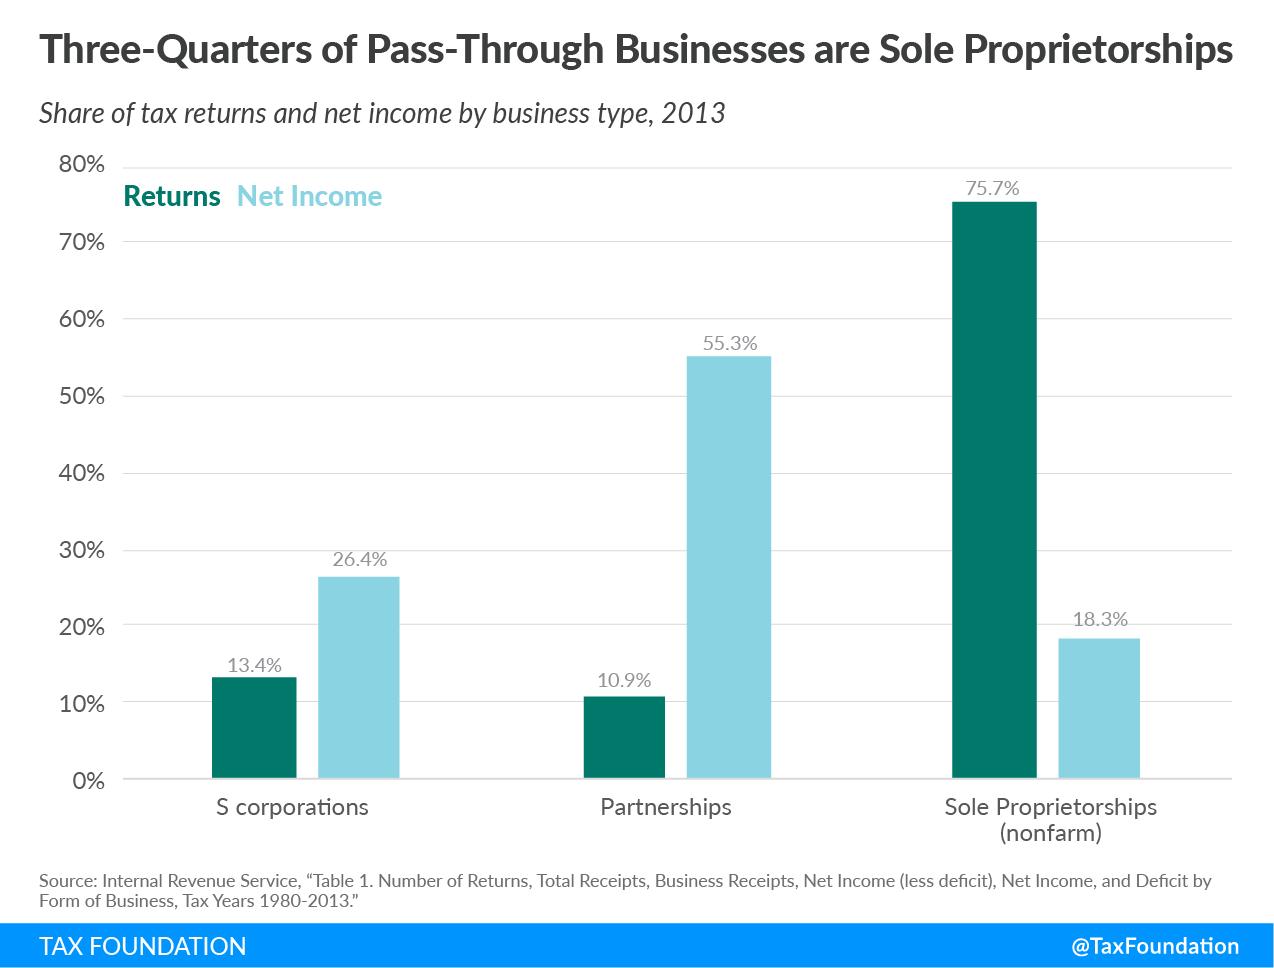 Pass-Through Businesses Discussed